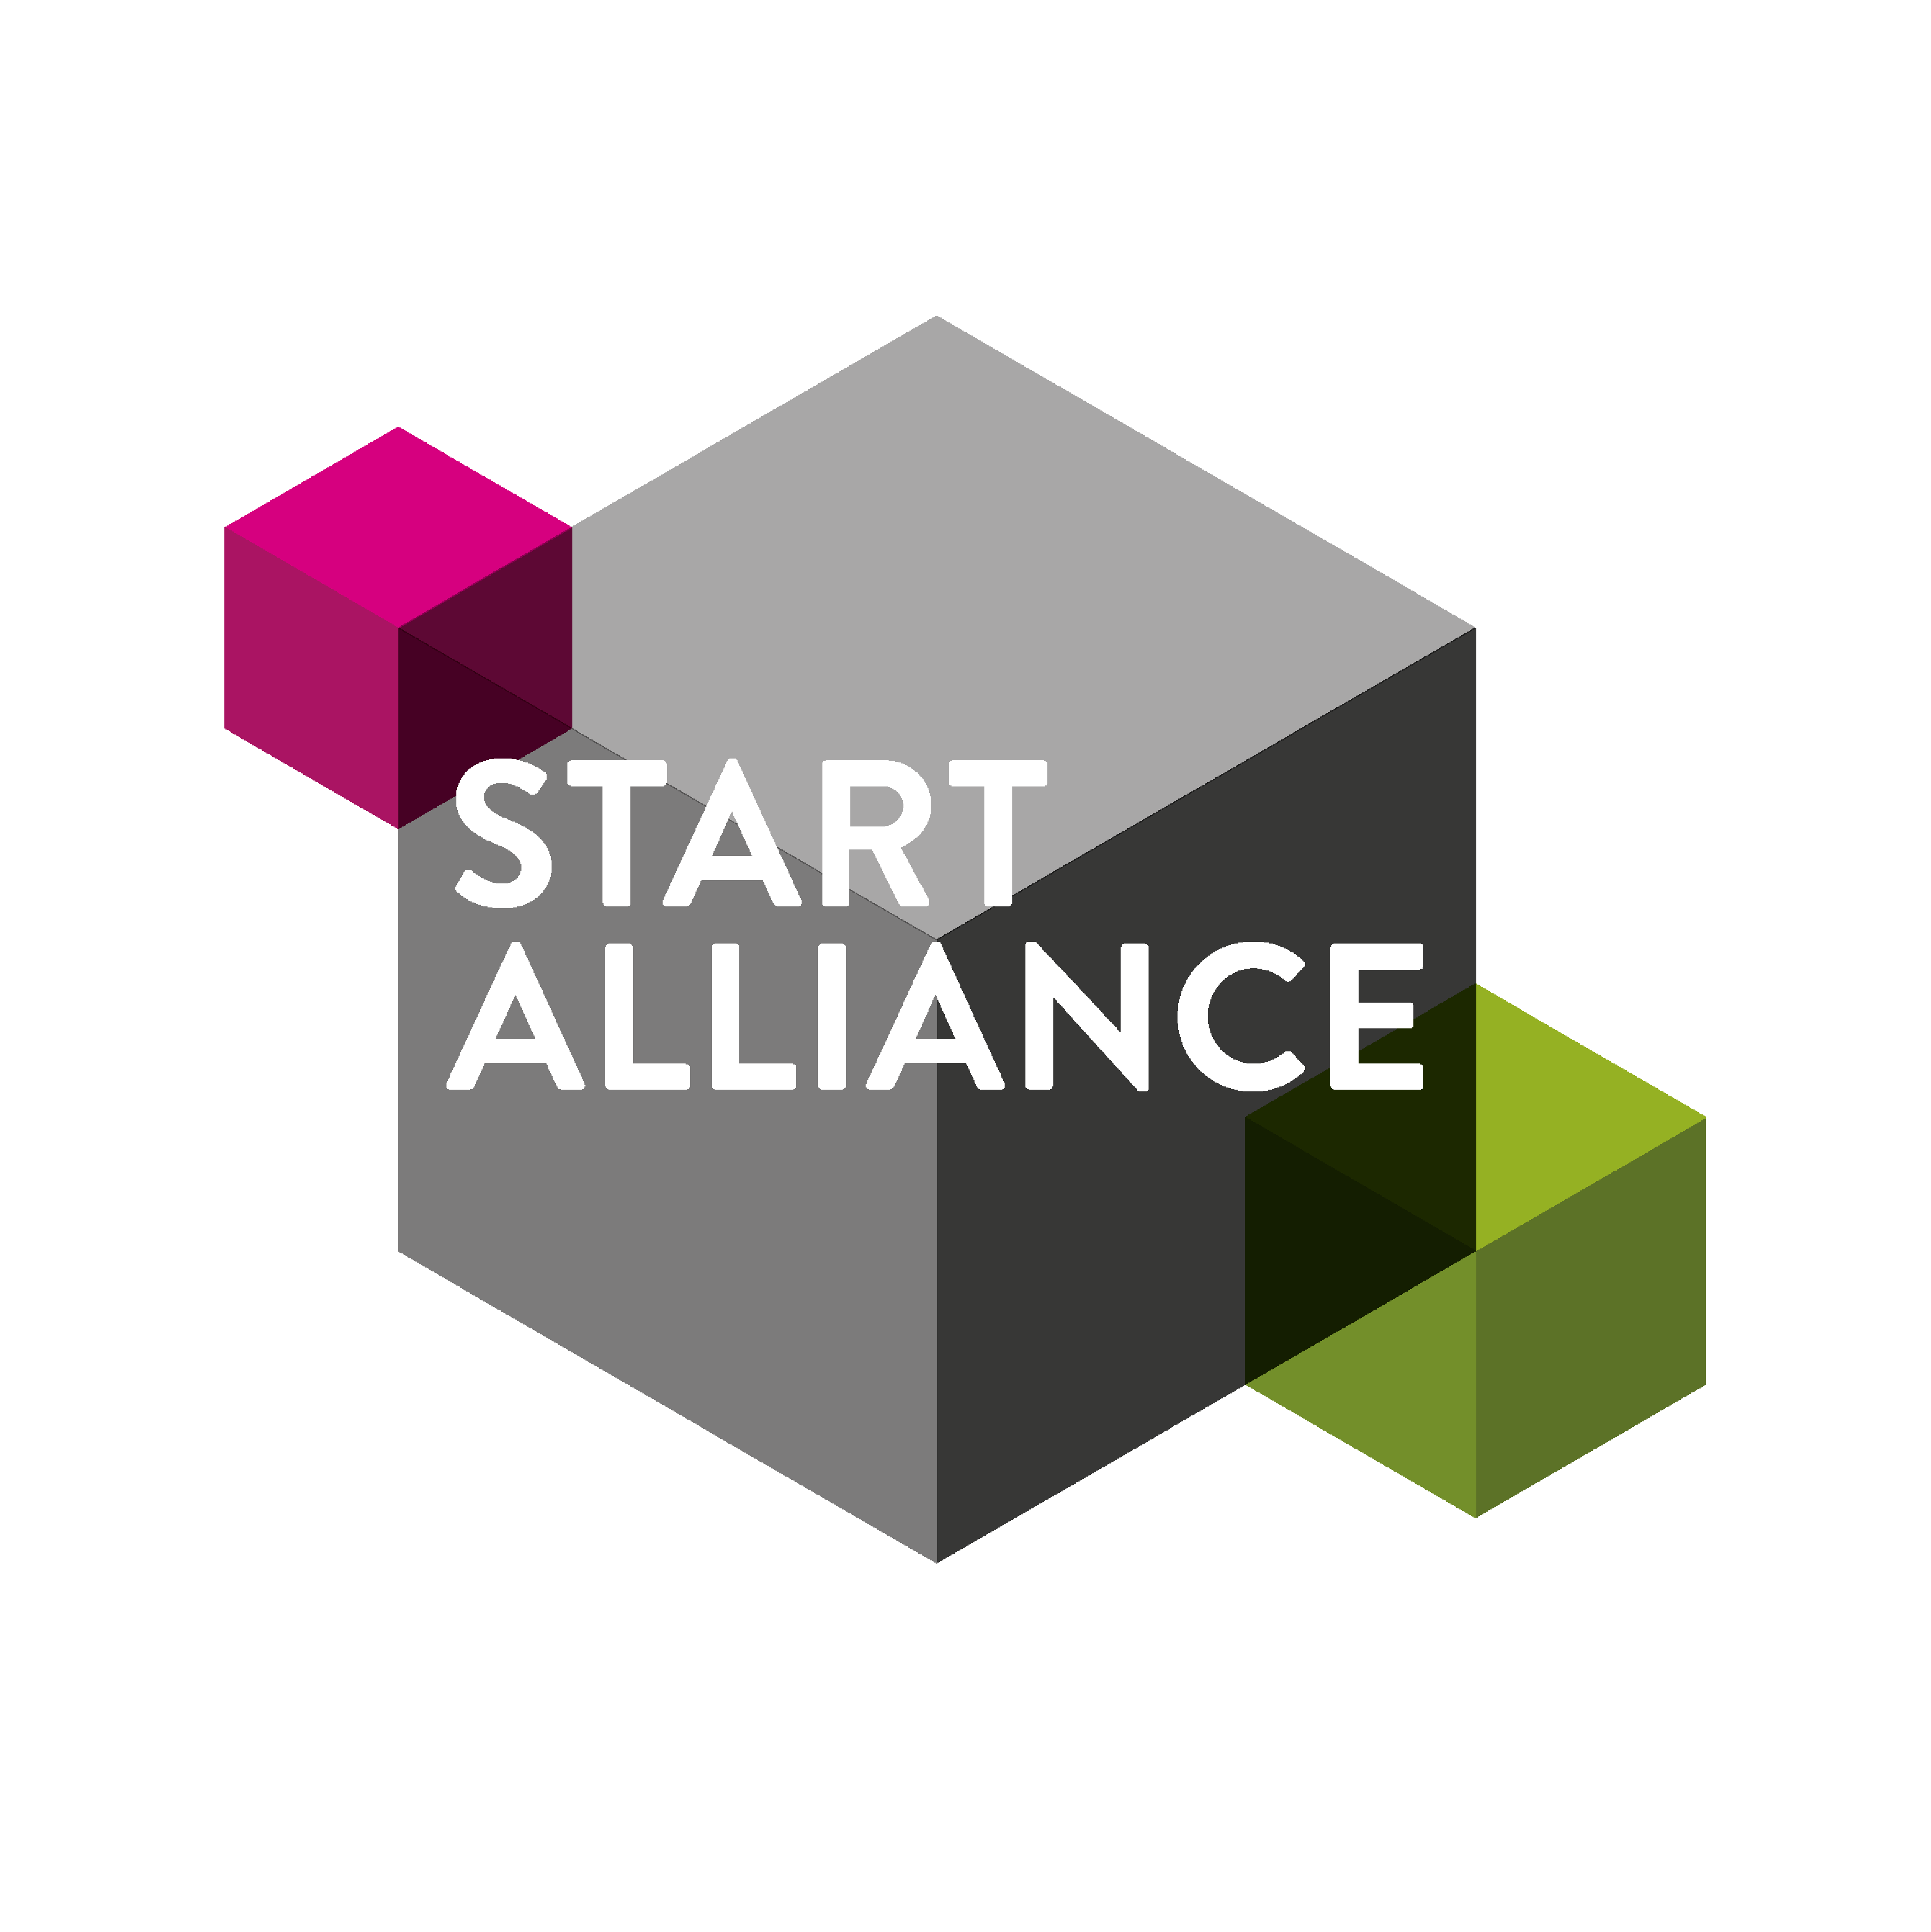 Start Alliance